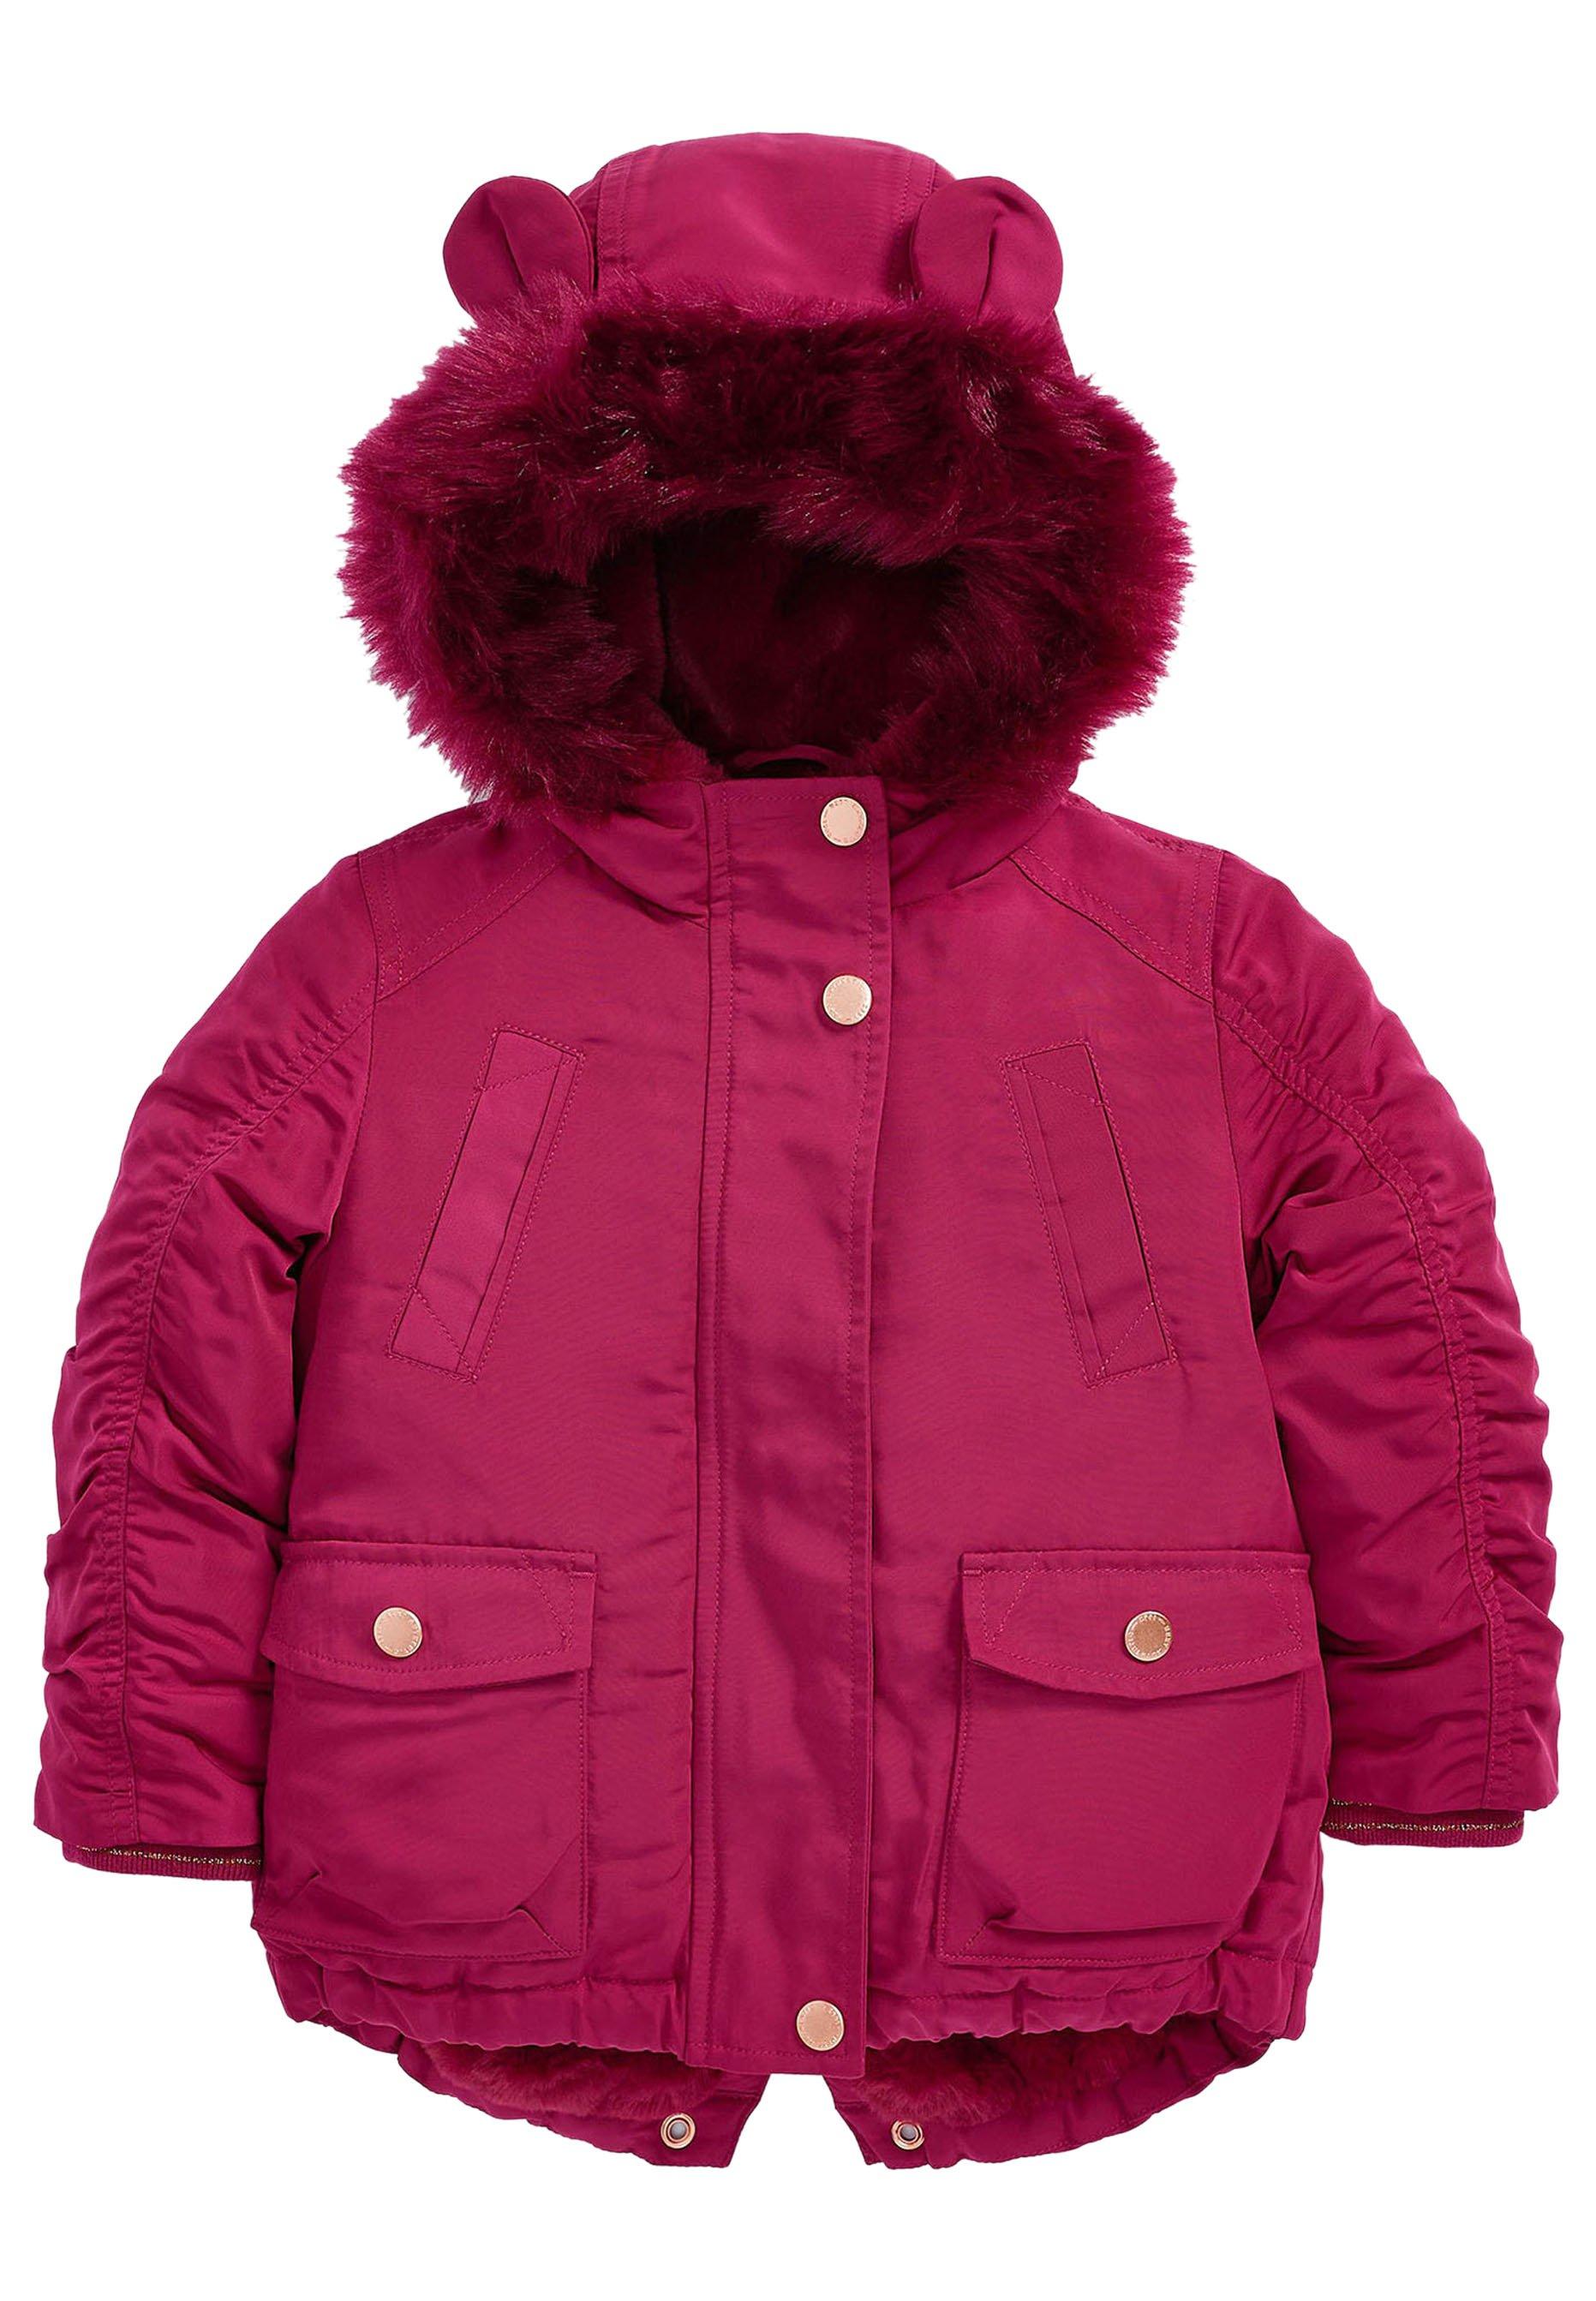 Enfant Veste d'hiver